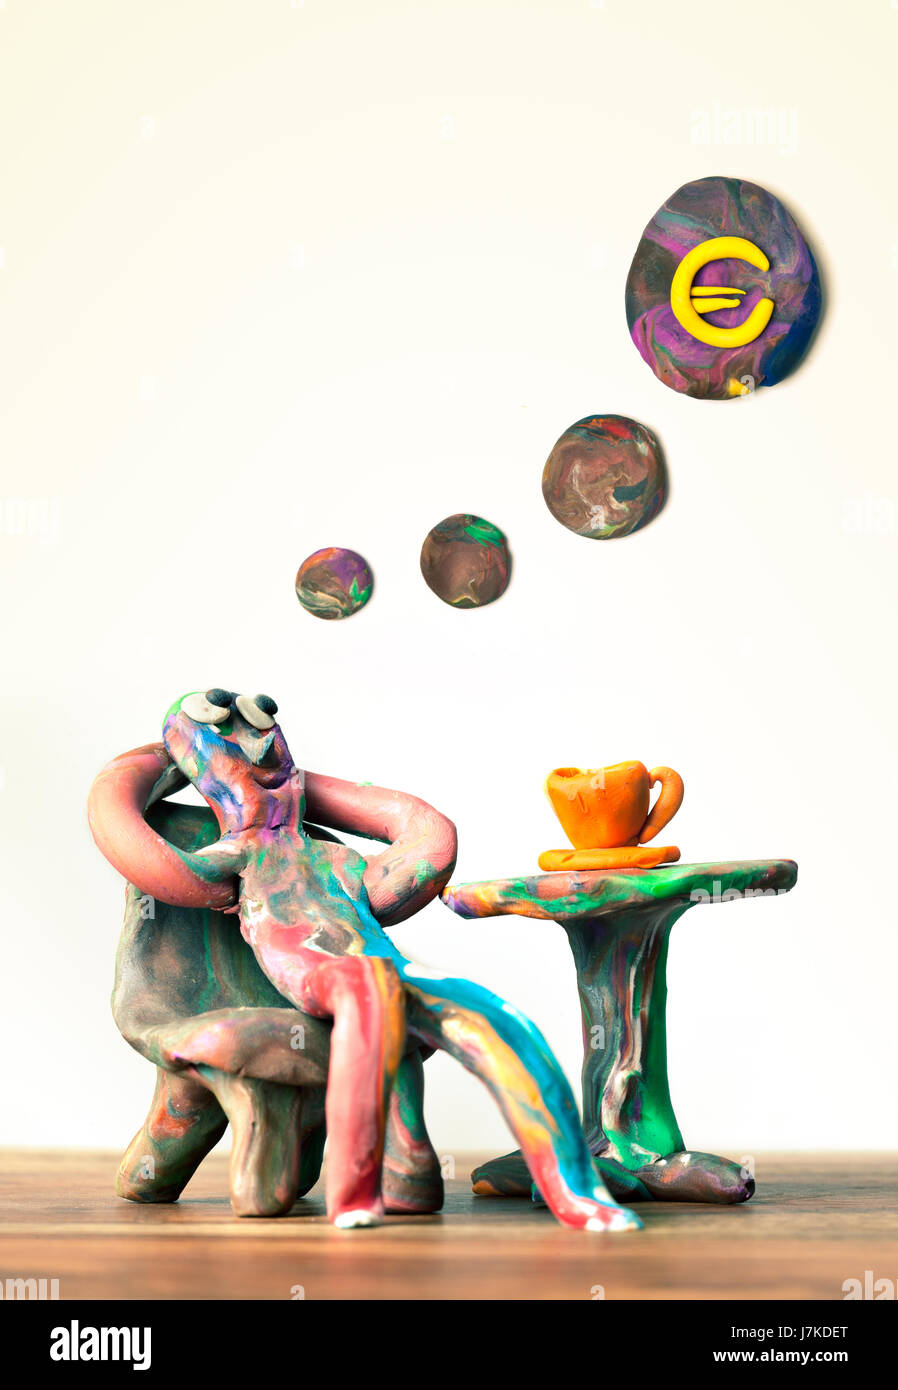 Euro-Wunsch kneten Wunschtraum aussehen Inspiration plötzliche Eingebung dachte Stockfoto